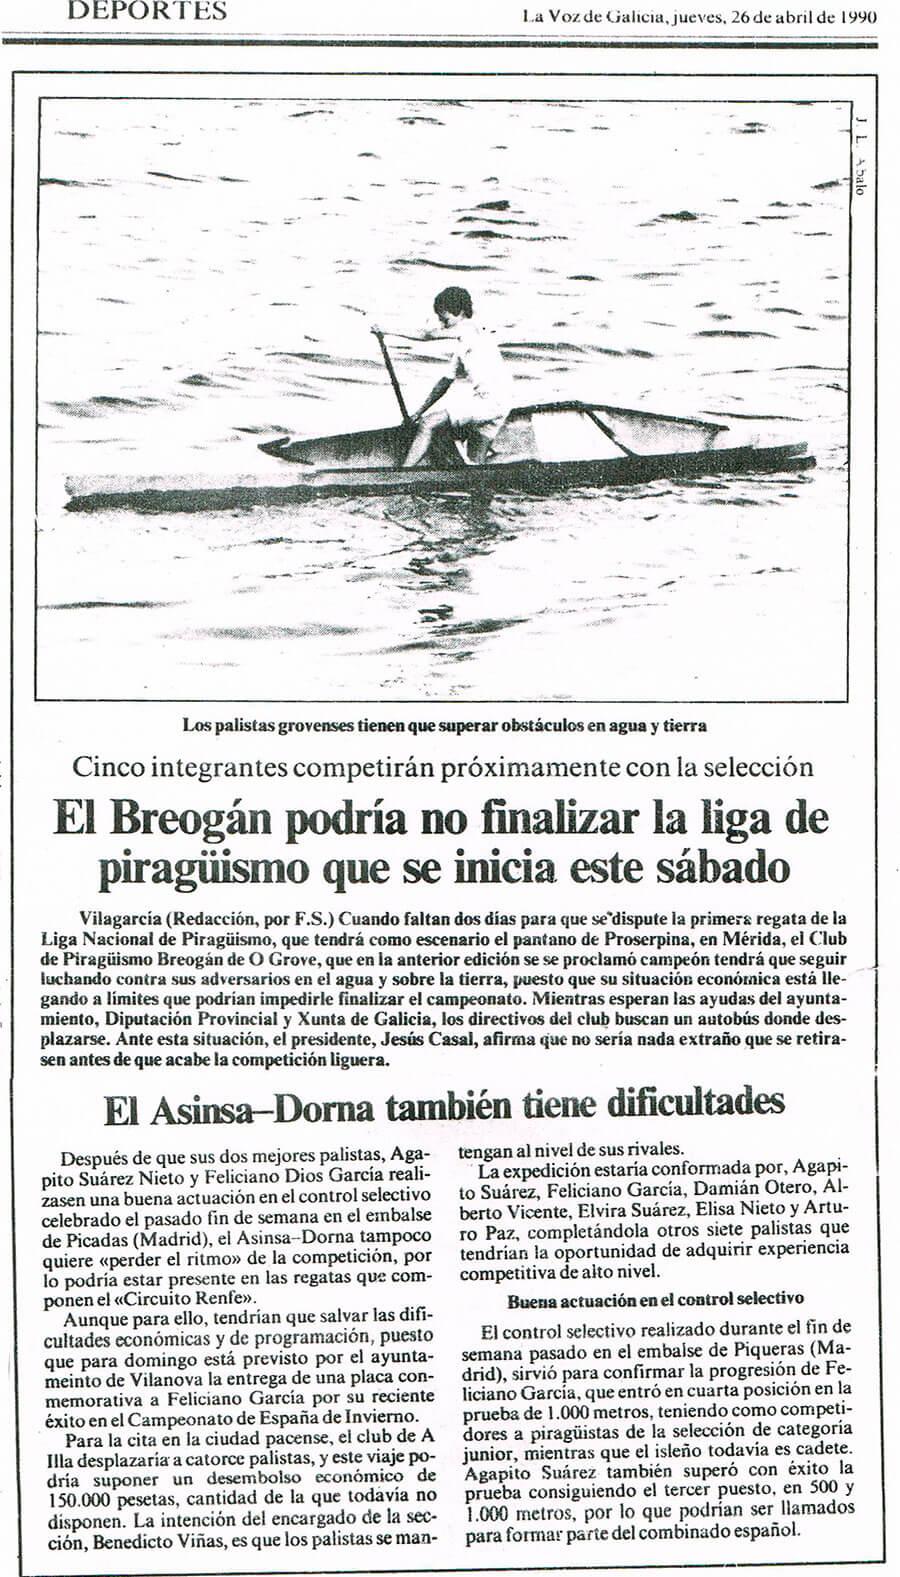 Prensa El Breogán podría no finalizar la liga de piragüismo que se inicia este sábado